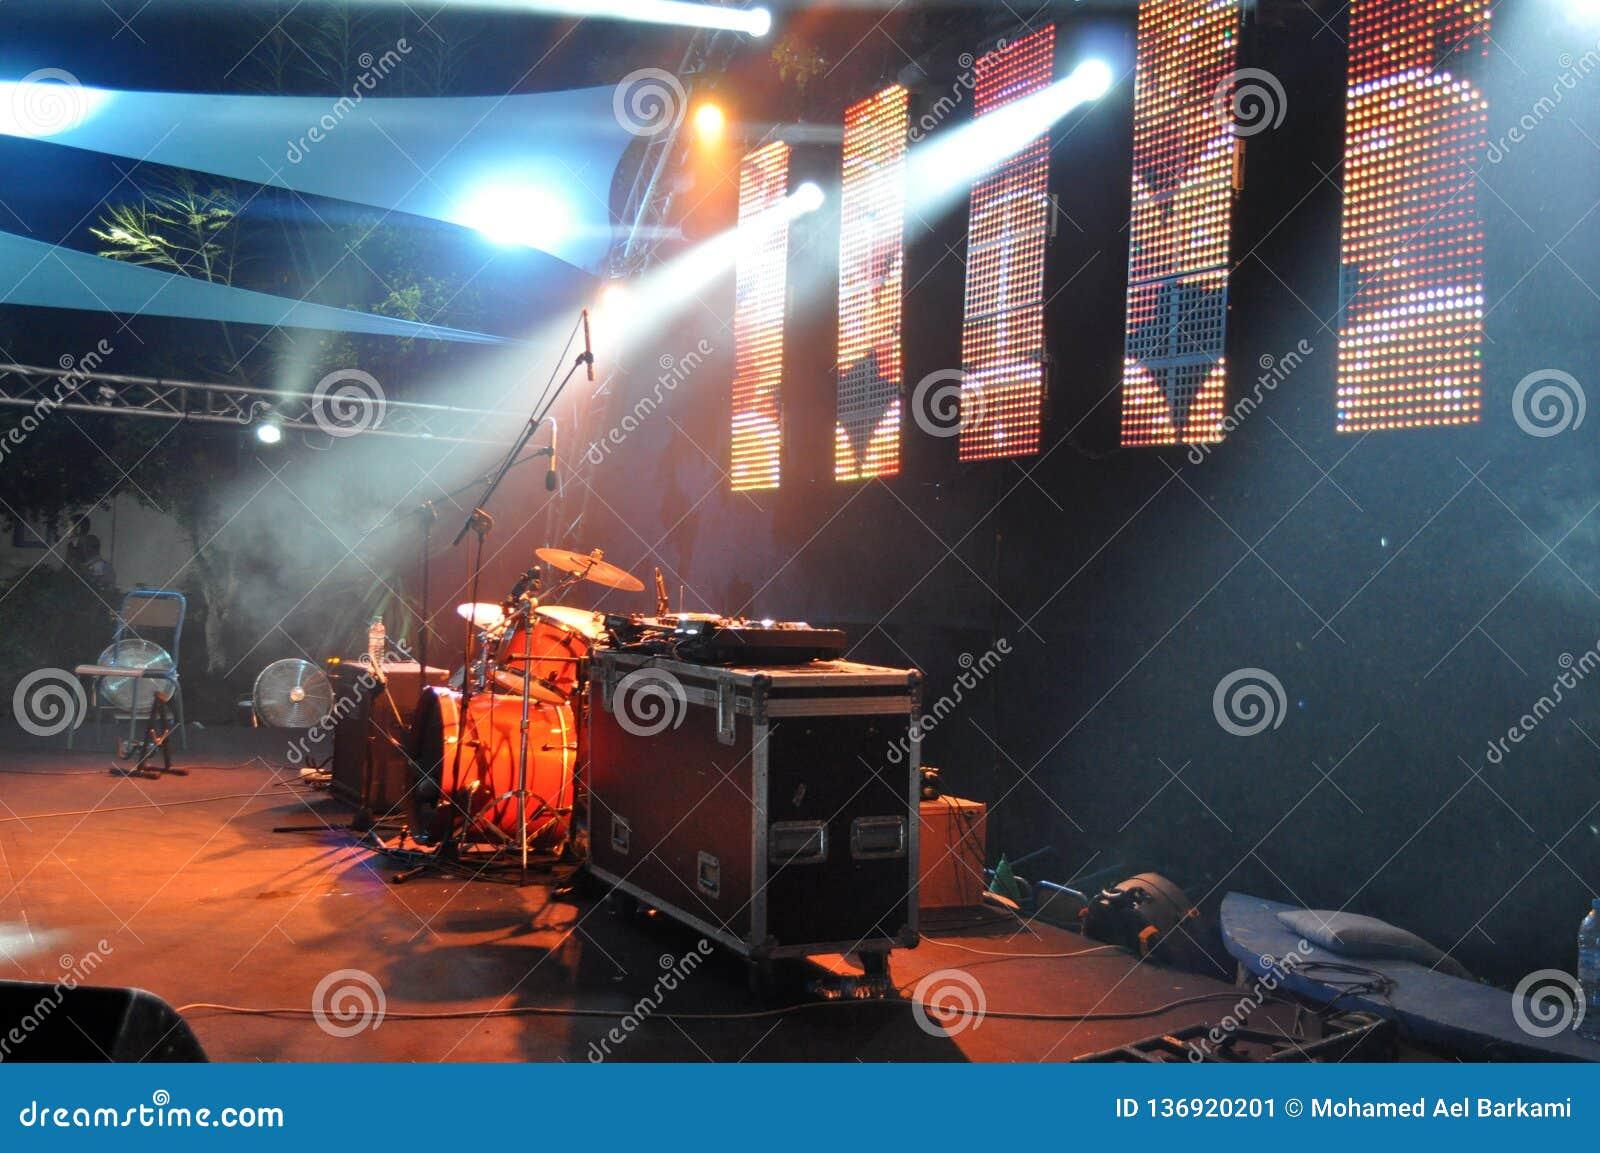 Концерт - музыкальный фестиваль - изображение